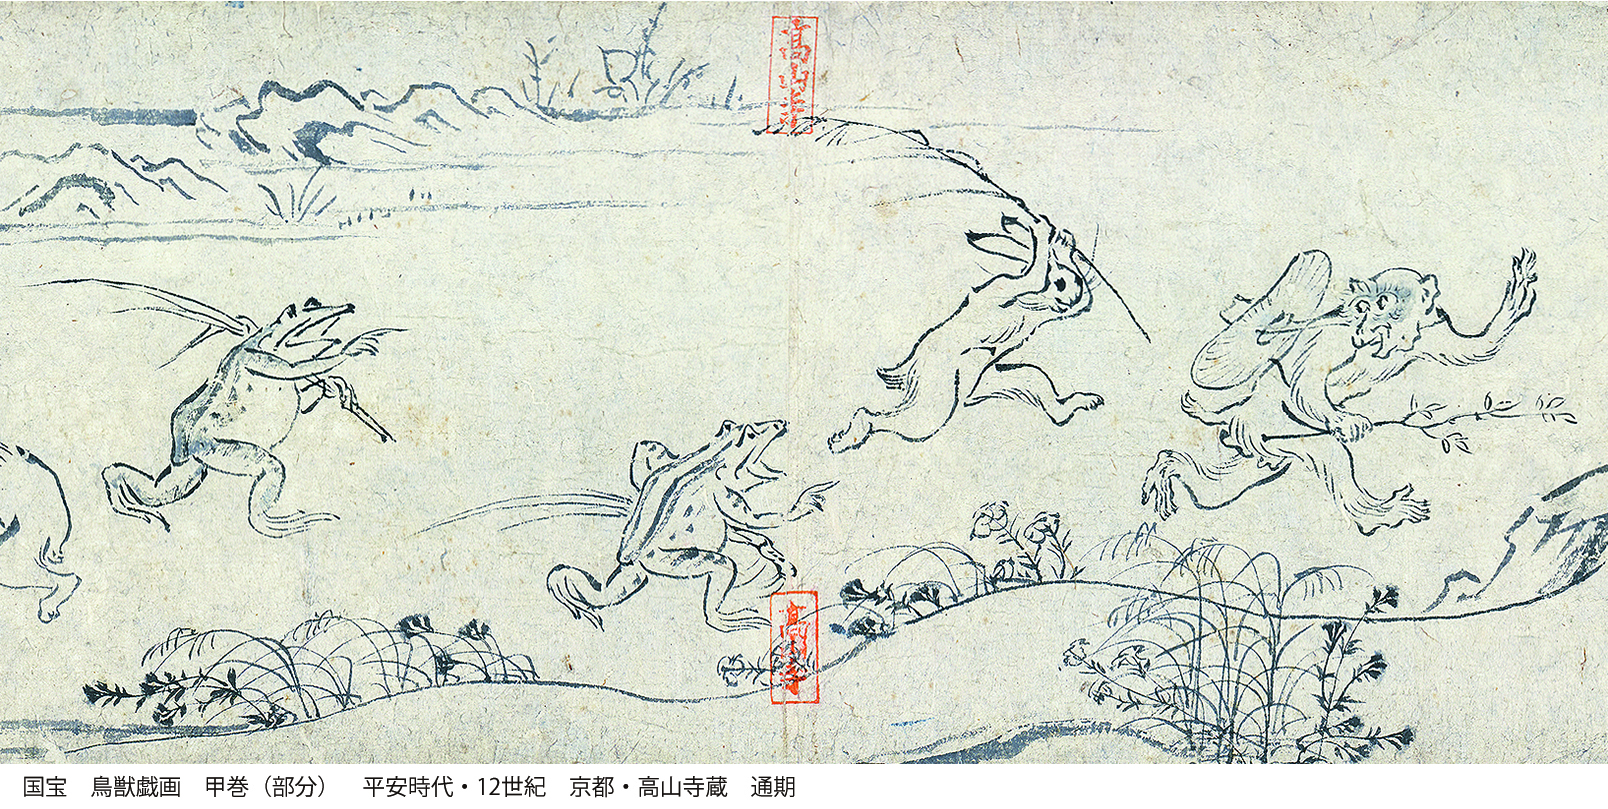 02 国宝 鳥獣戯画 甲巻 部分 350dpi Japaaan